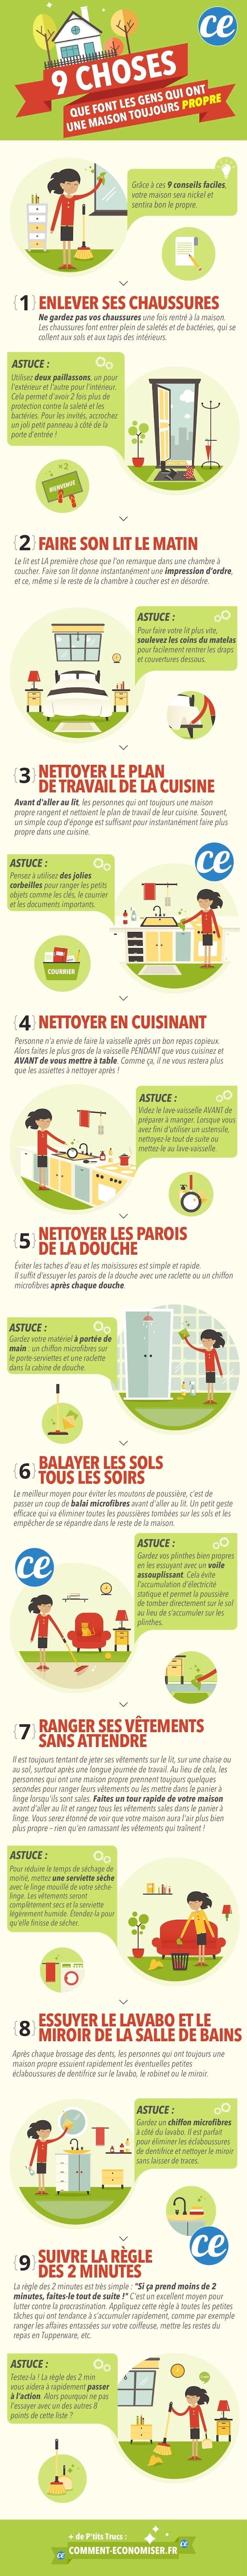 9 astuces pour avoir une maison toujours bien rangée